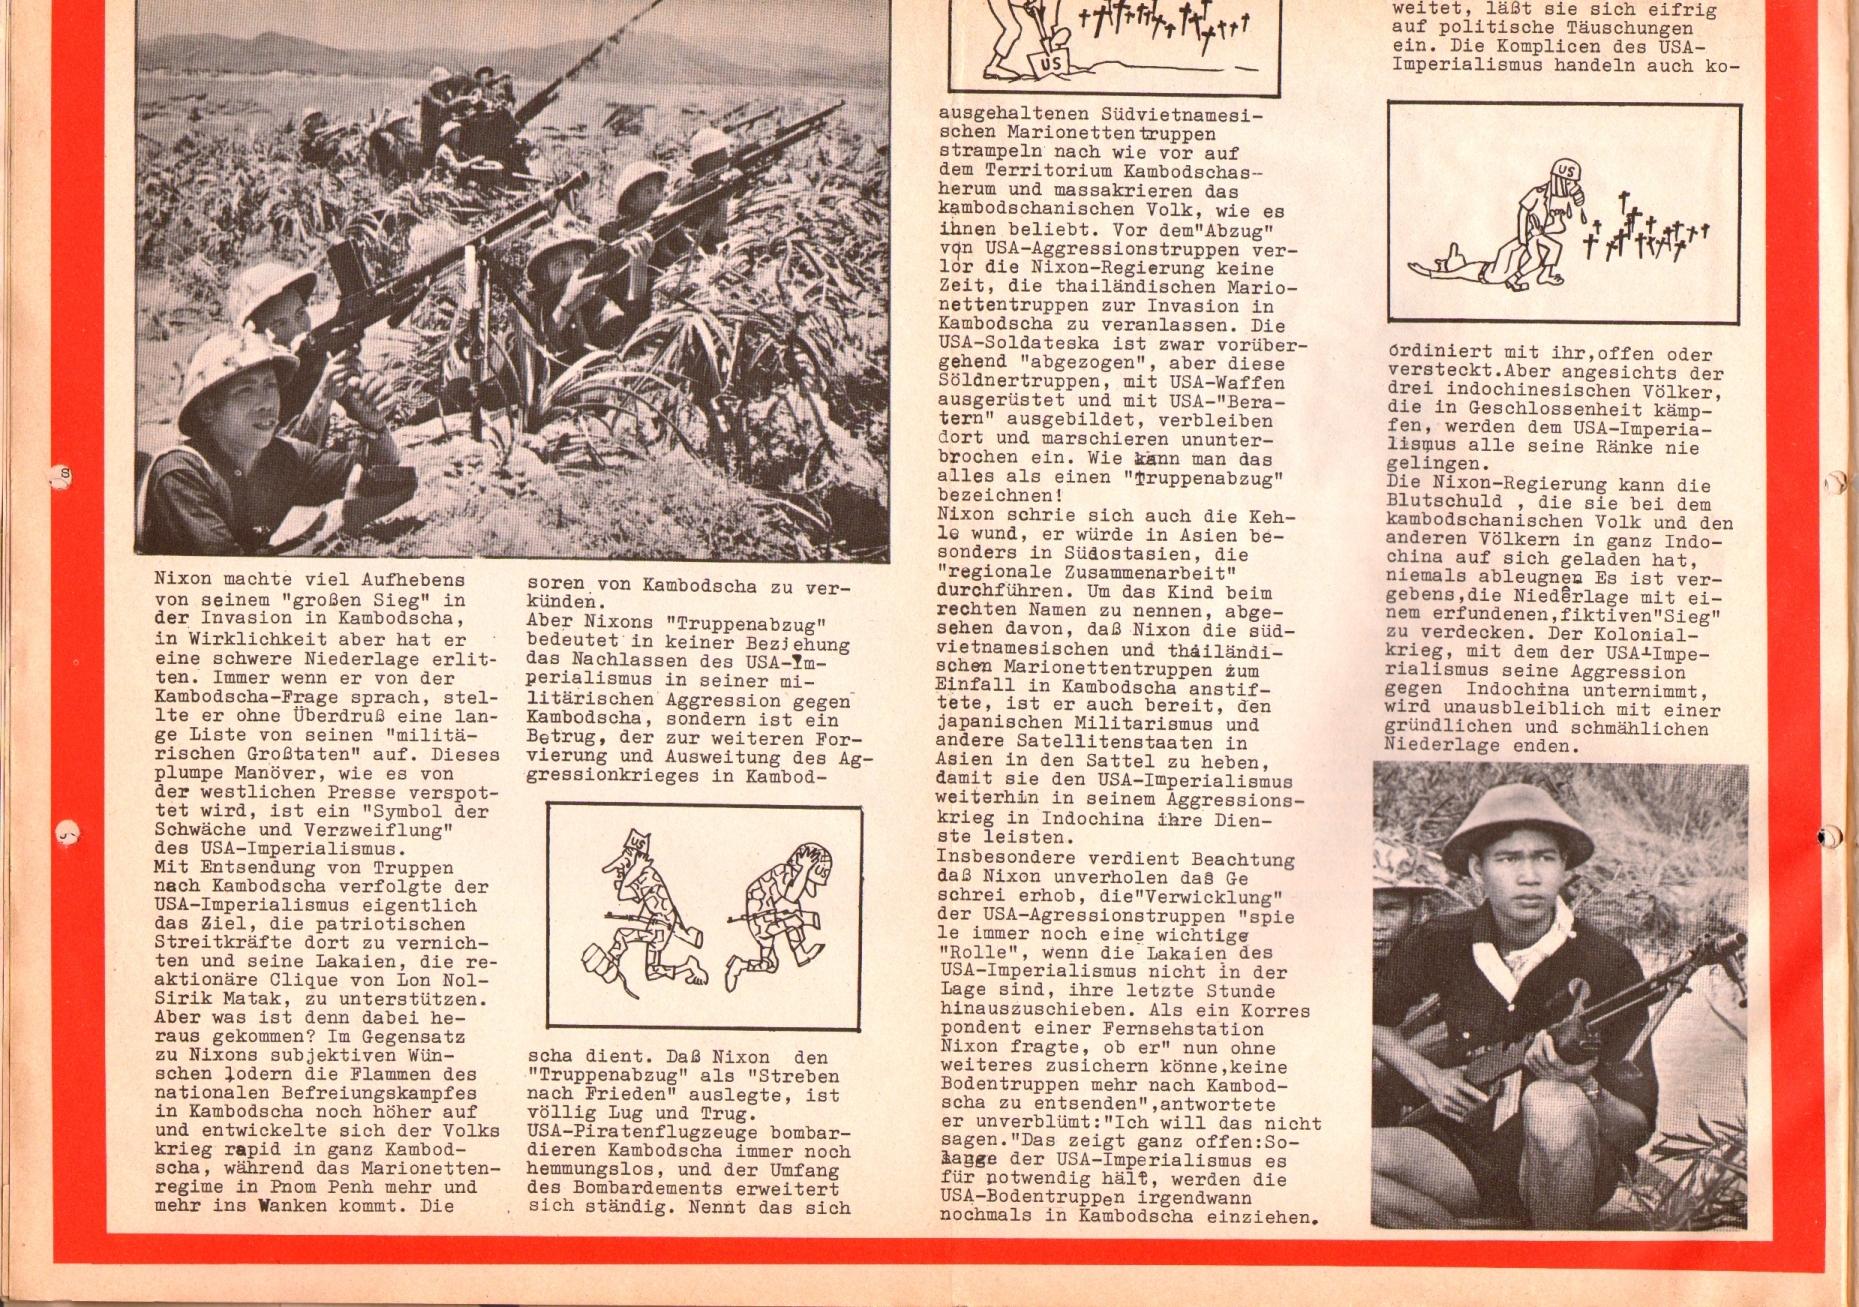 Rote Fahne, 1. Jg., 26. August 1970, Seite 4 unten